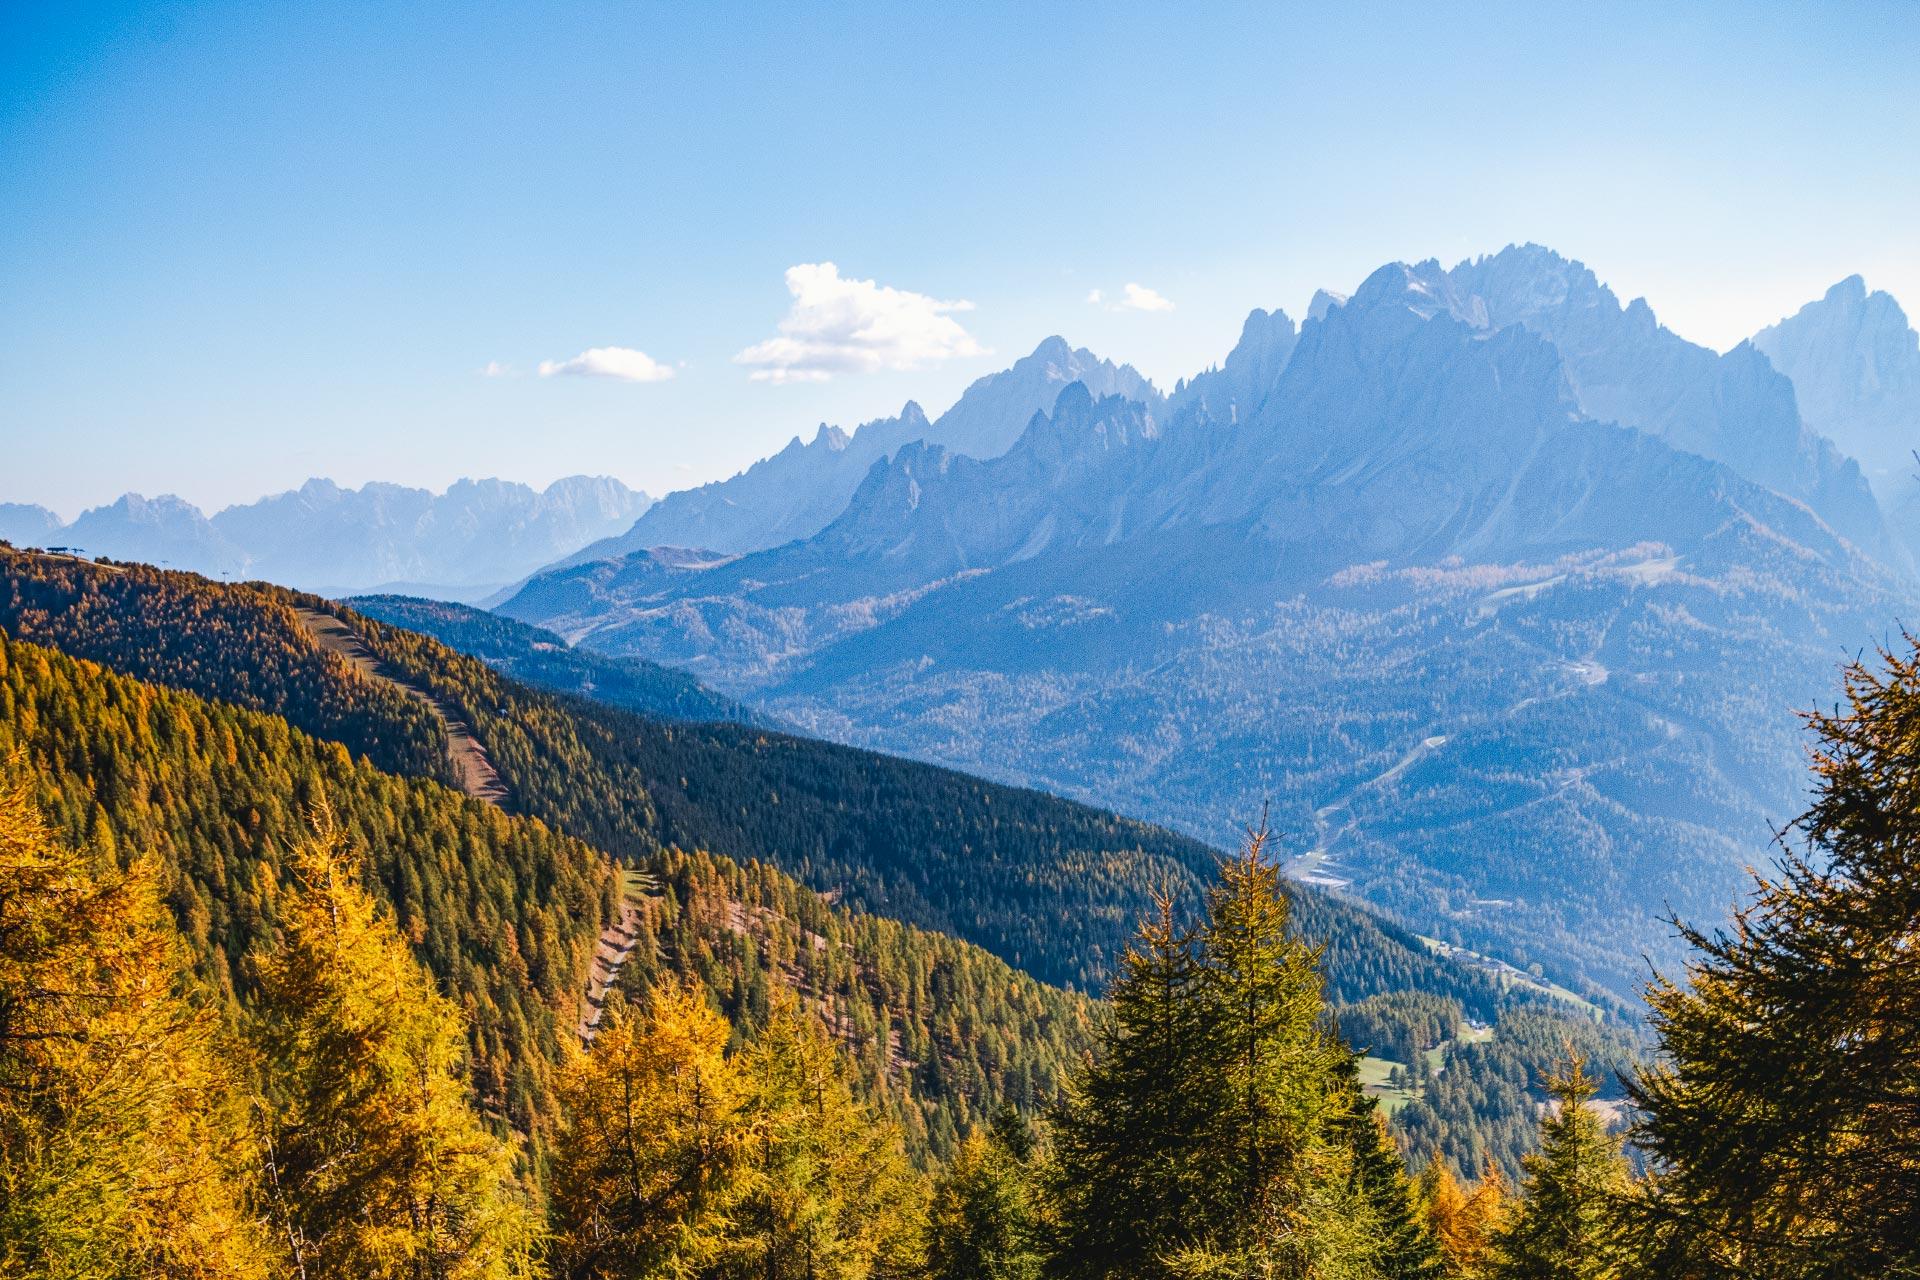 Auf dem Rückweg kratzen eindrucksvoll die Gipfel der Sextner Dolomiten am Horizont